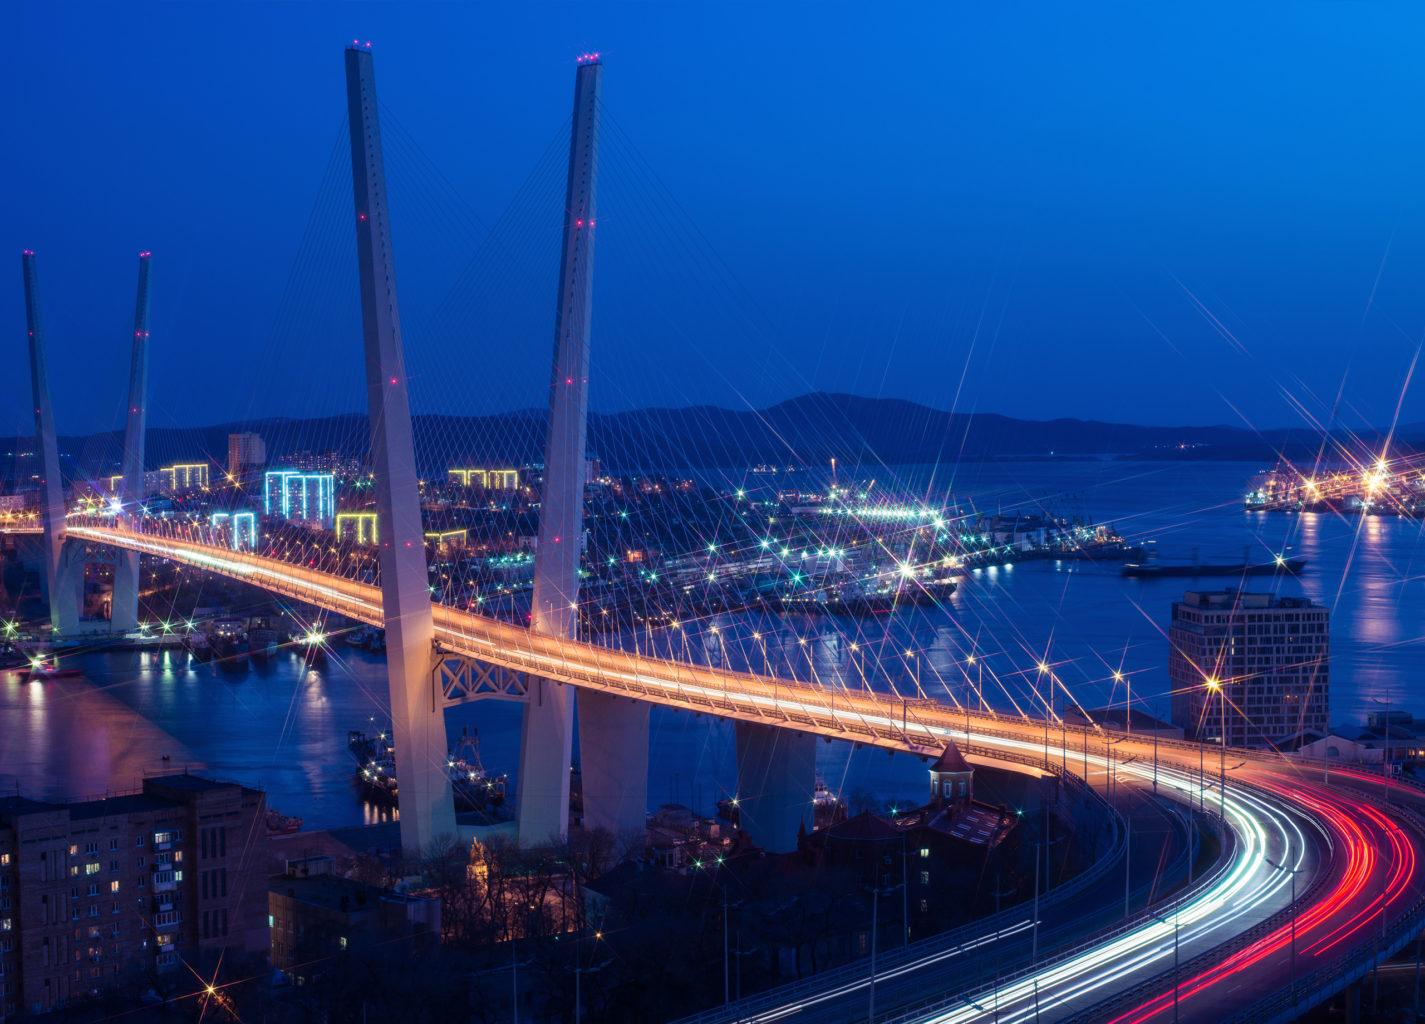 картинки золотого моста цвет это сочетание